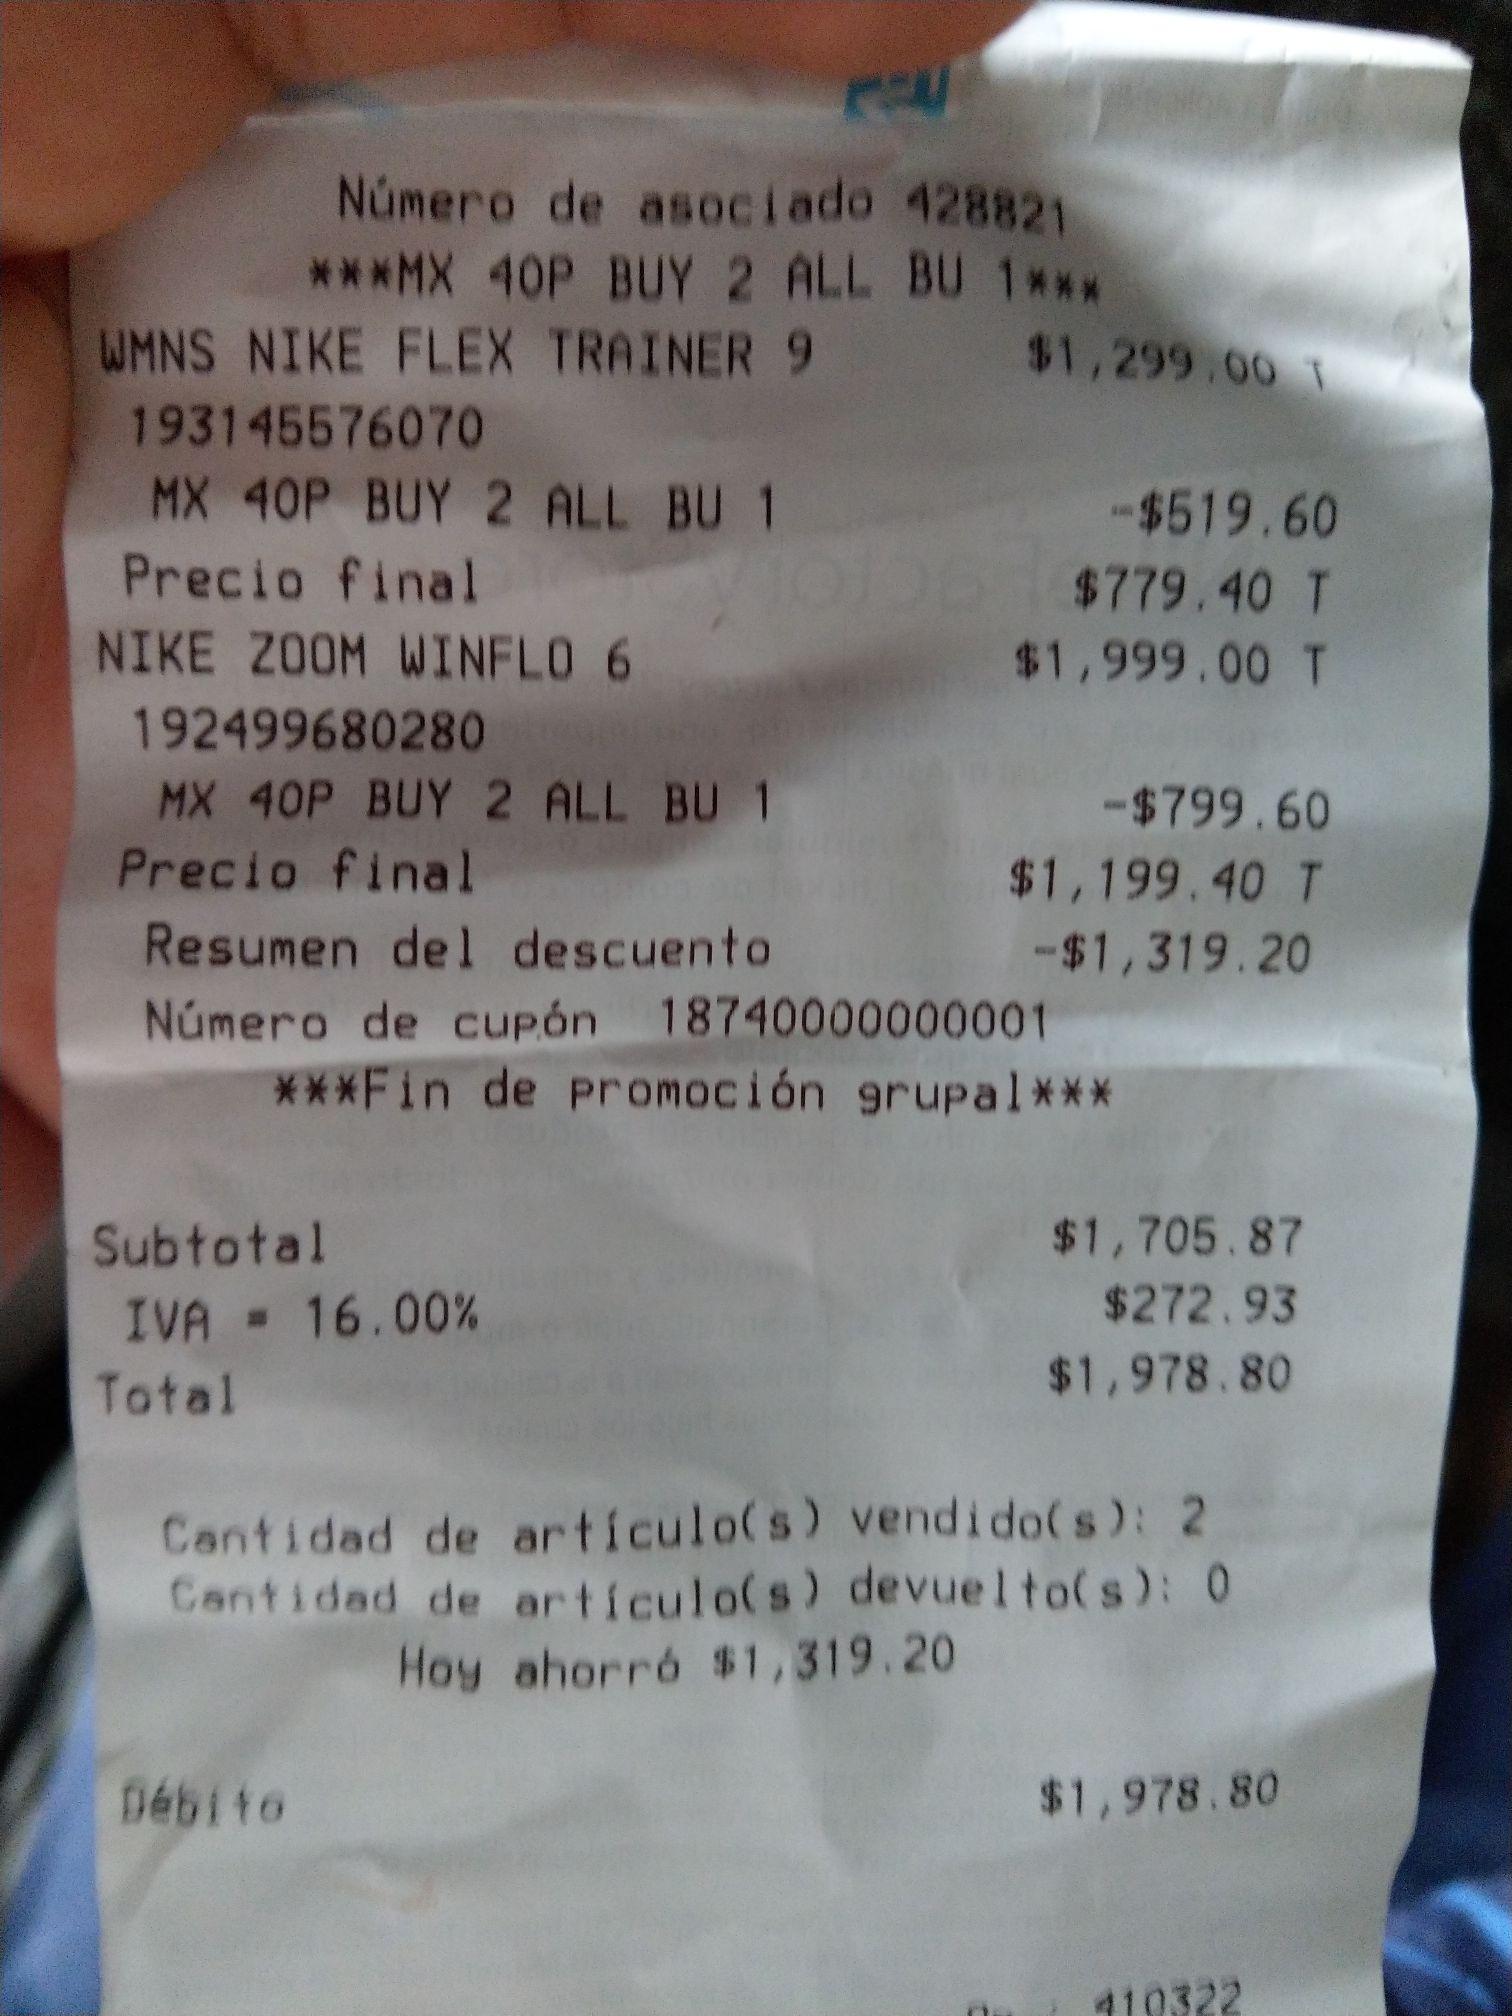 Nike Plazas Outlet Cancún, Compra 2 pares o más y recibe 40% de descuento en tu compra total.